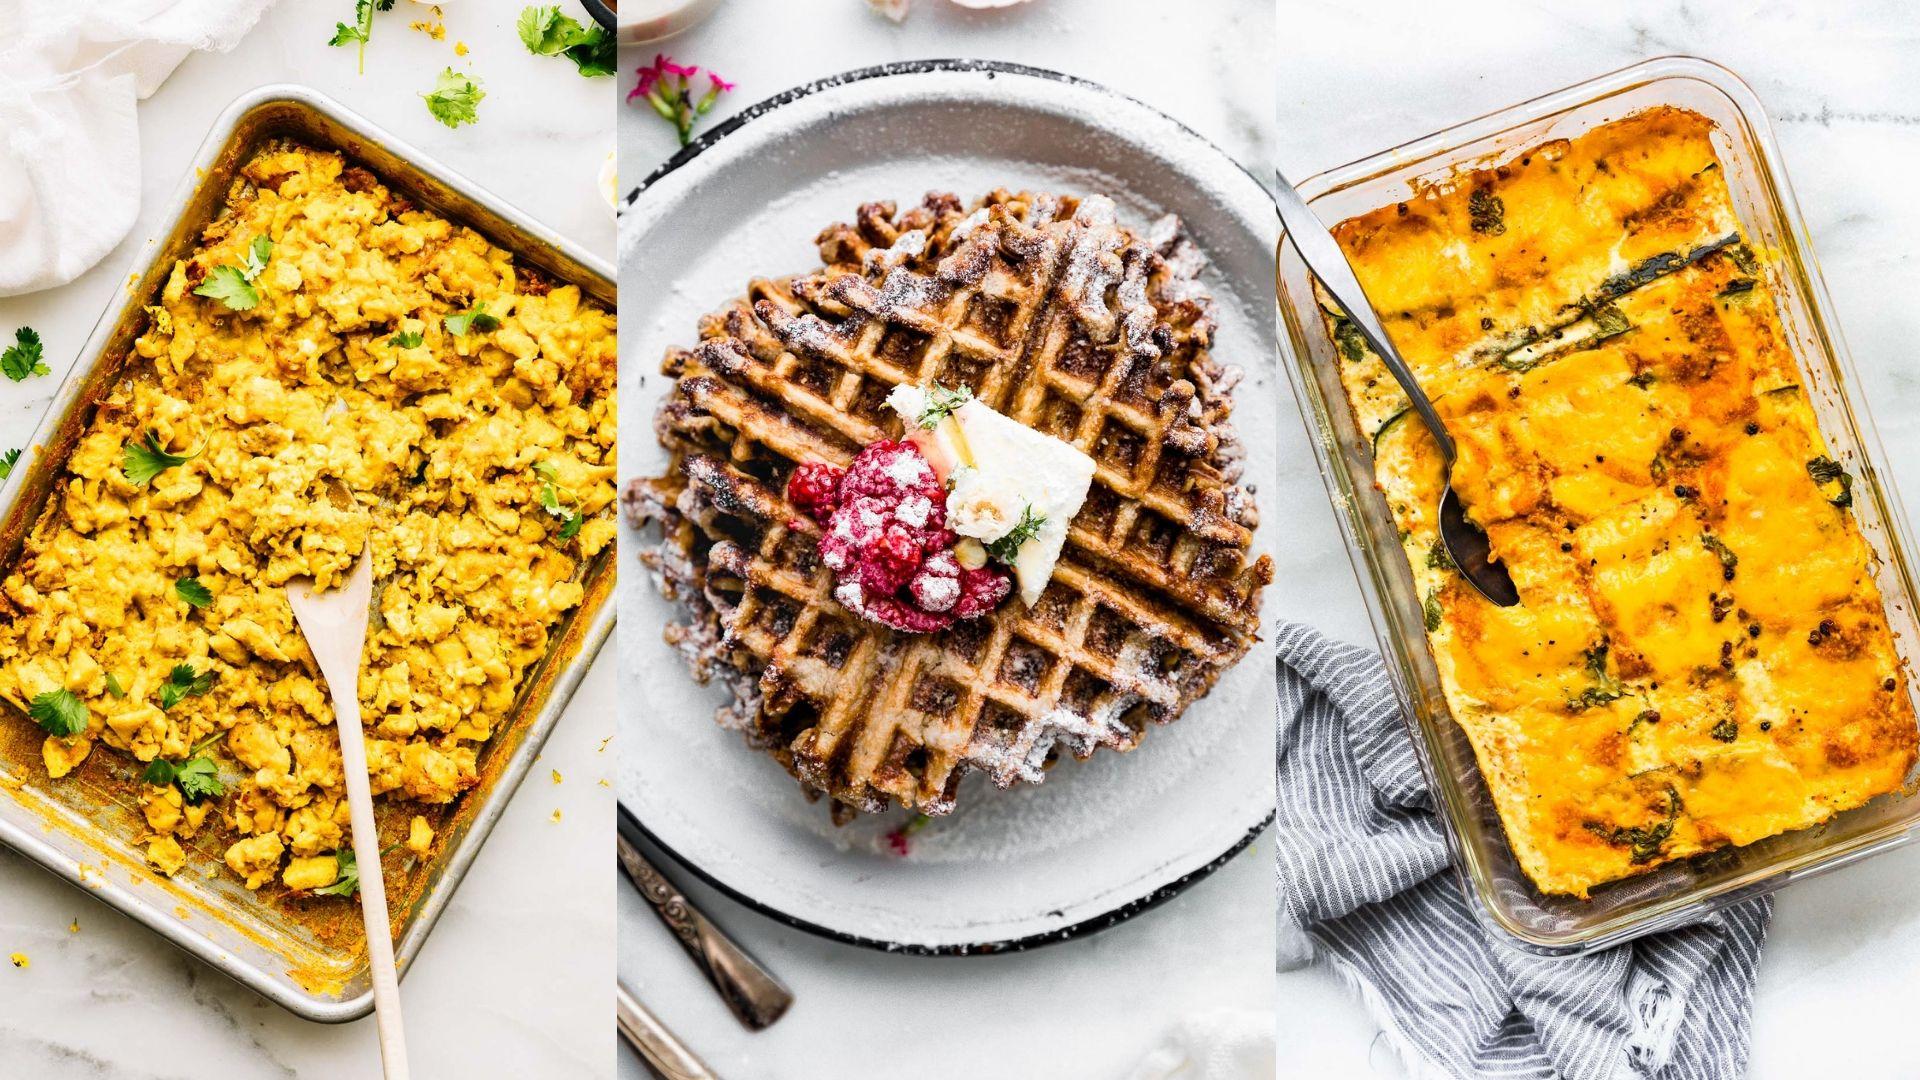 freezer meals - breakfast